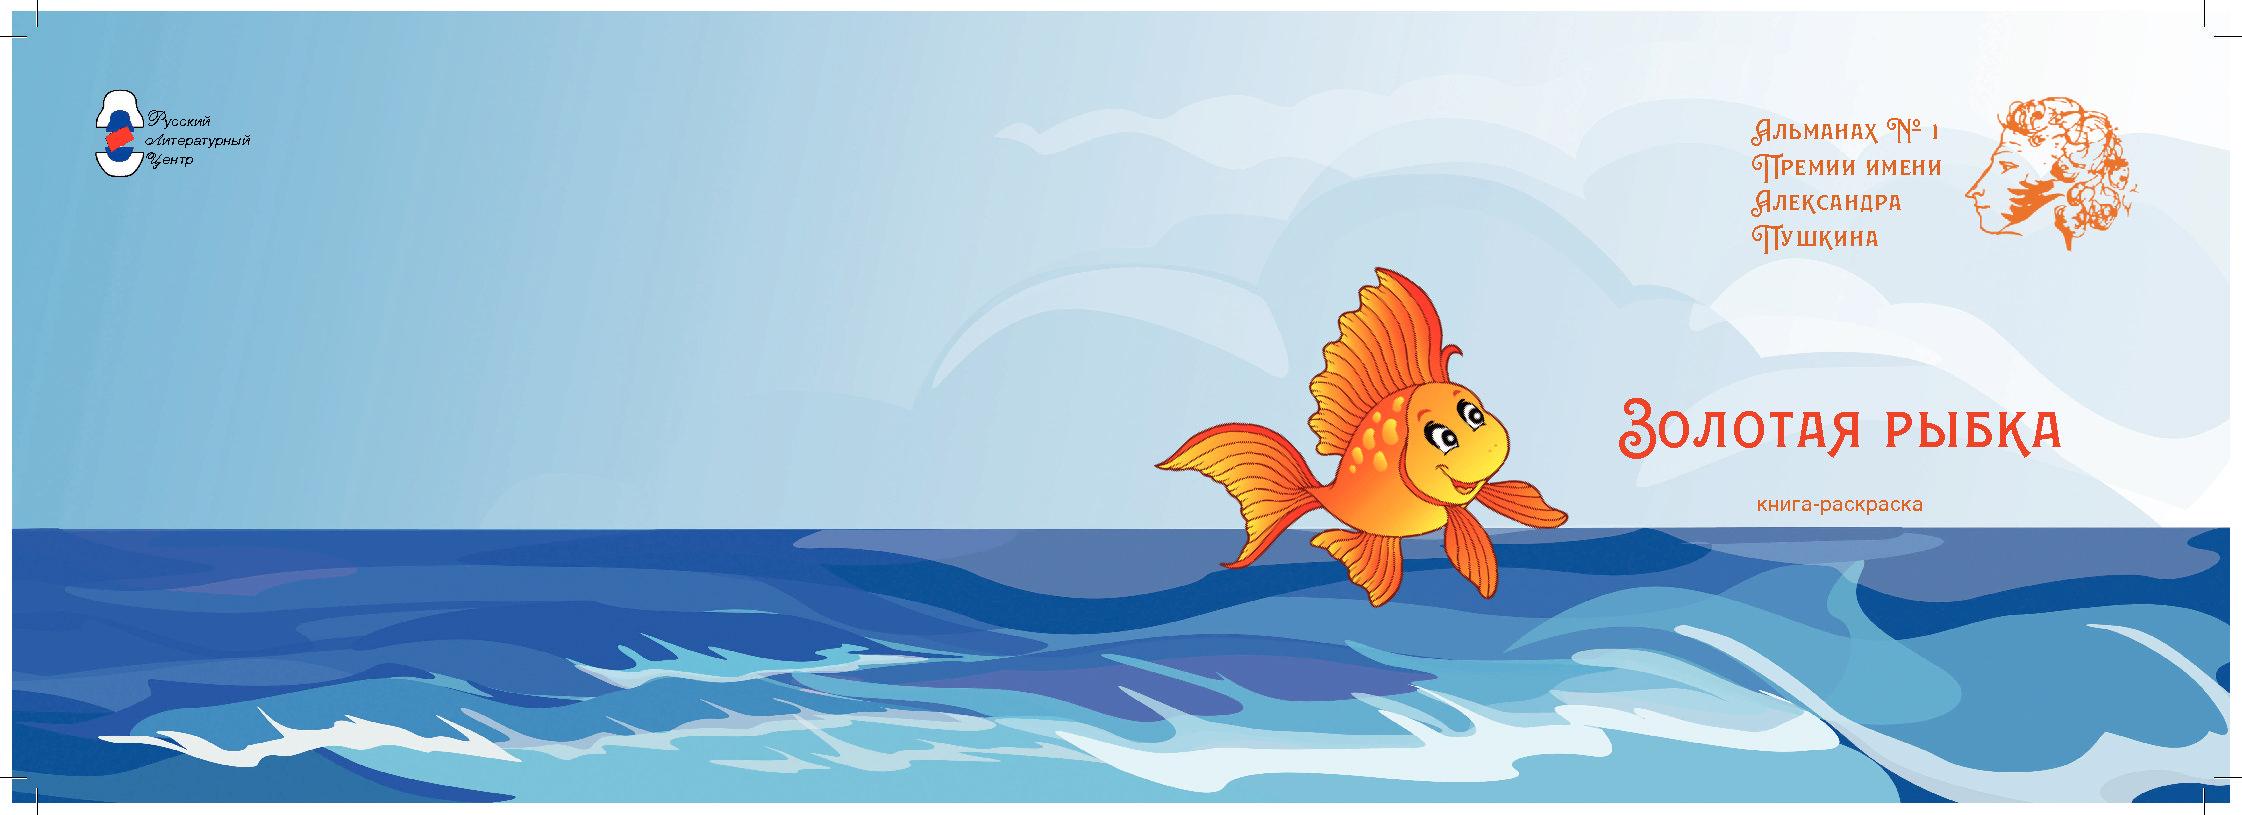 рыбка обложка1